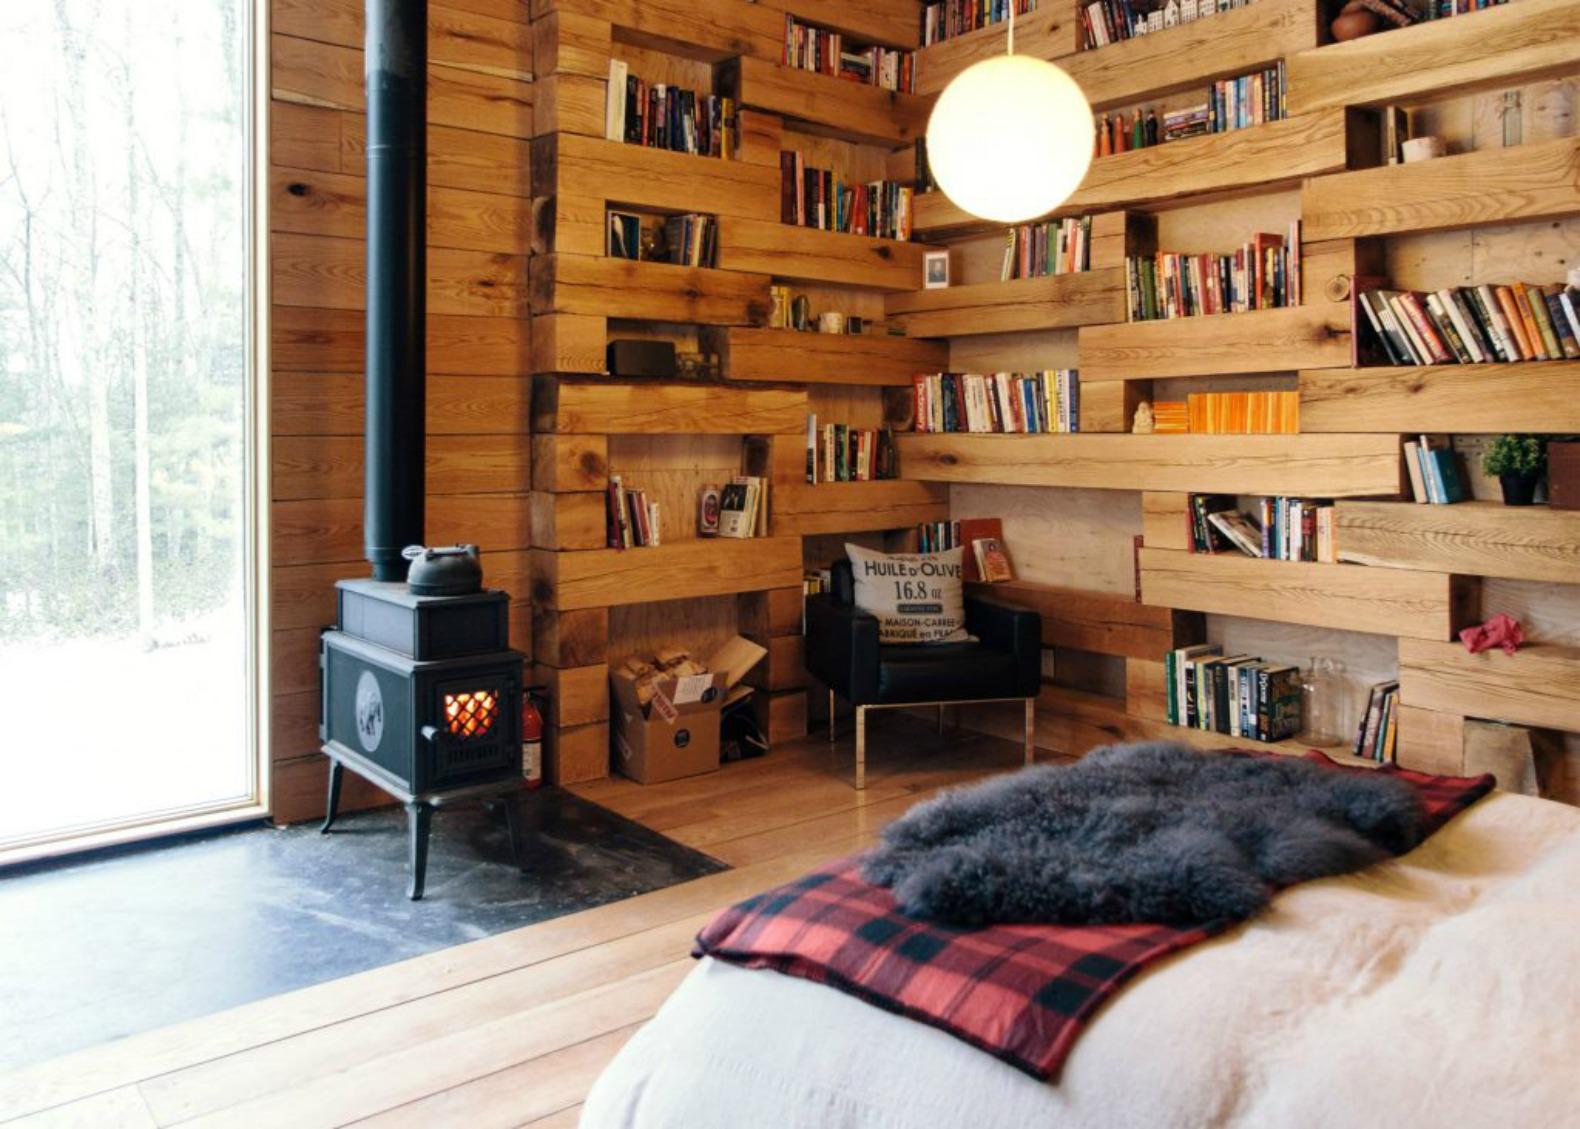 la-mini-maison-bois-bibliotheque-milieu-foret-bois-hemmelig-rom-studio-padron